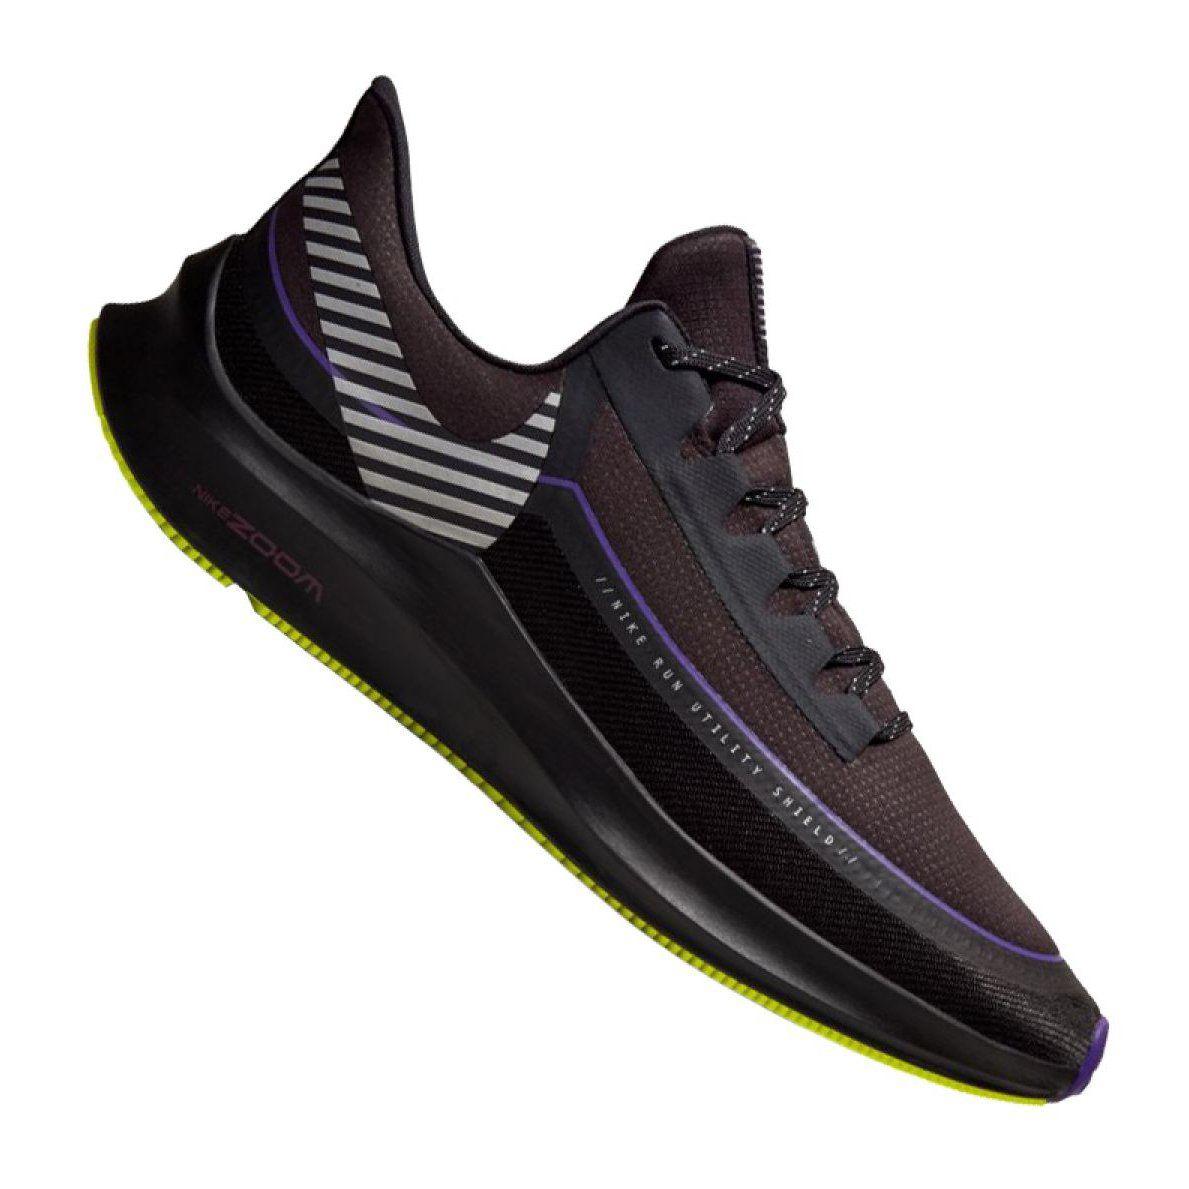 Buty Nike Zoom Winflo 6 Shield M Bq3190 002 Czarne Nike Zoom Mens Nike Shoes Running Shoes For Men